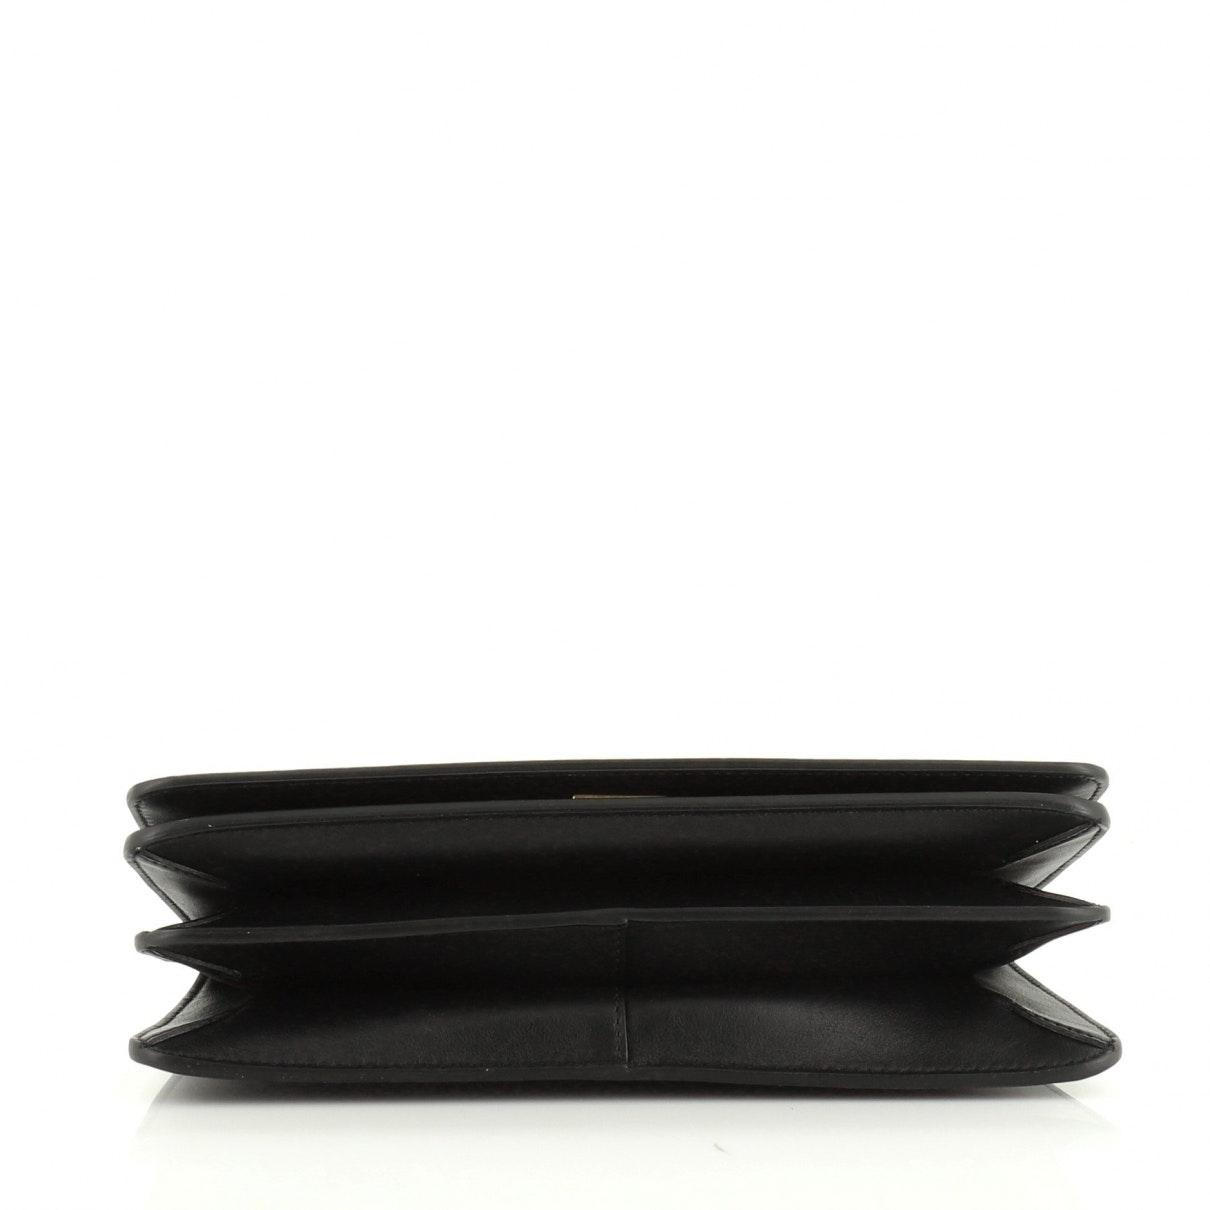 Givenchy Leder Leder Handtaschen in Schwarz QOLkk